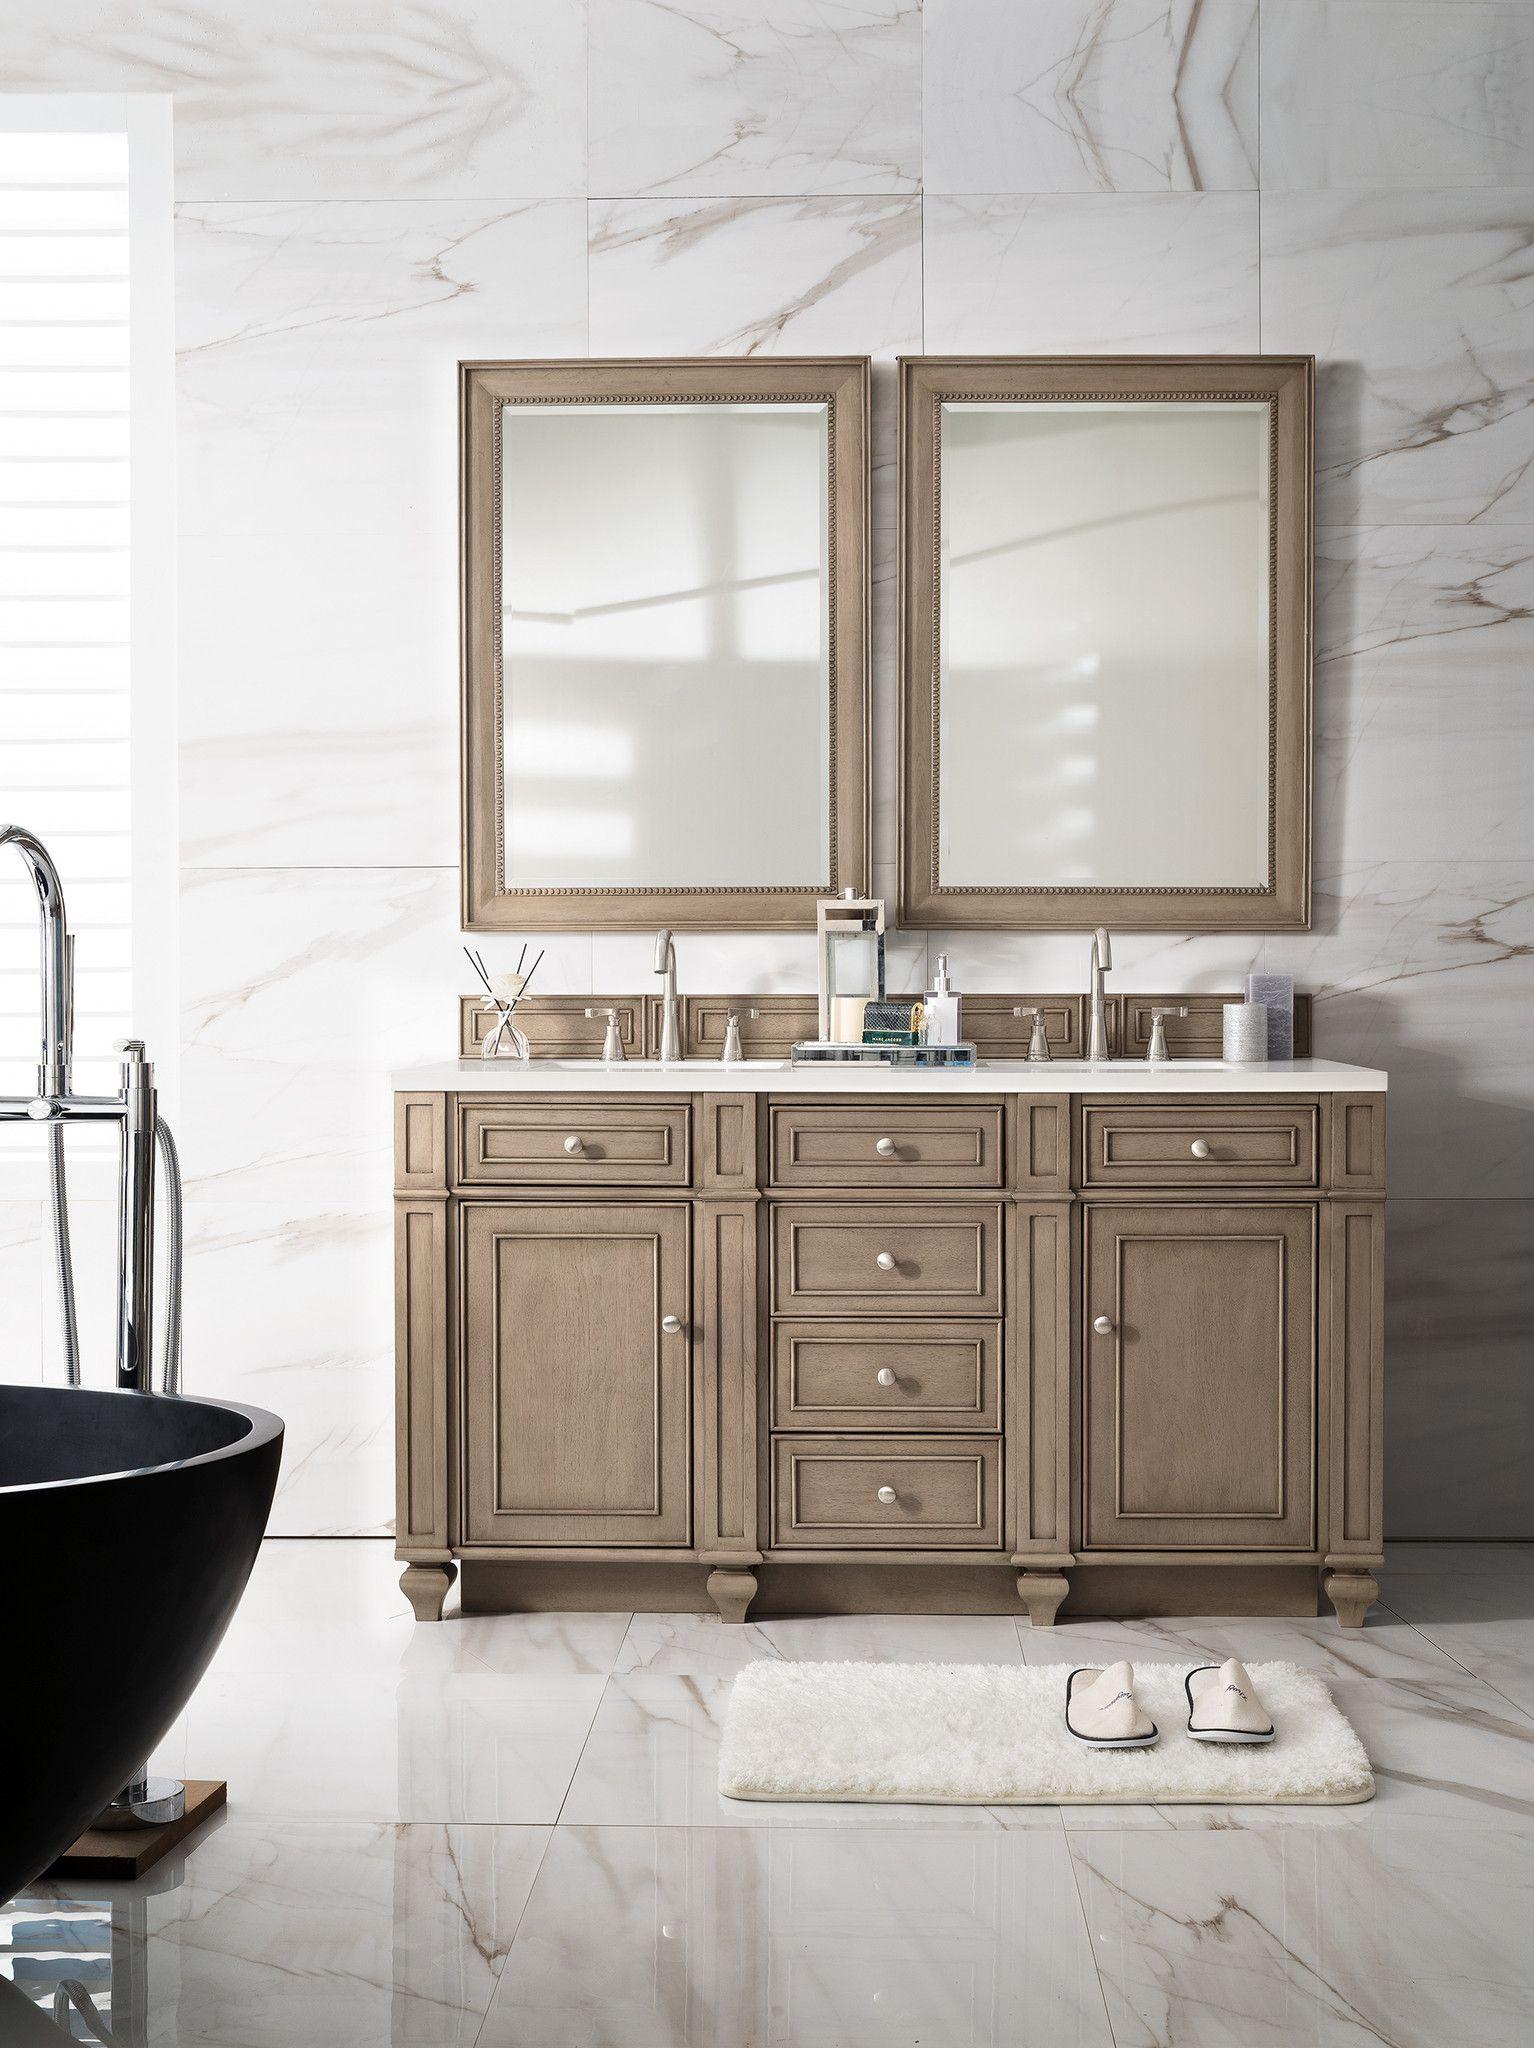 solid bathroom wmsq vanities hd grey wood charcoal vincent cg vicent hm in double buy inch sink vanity